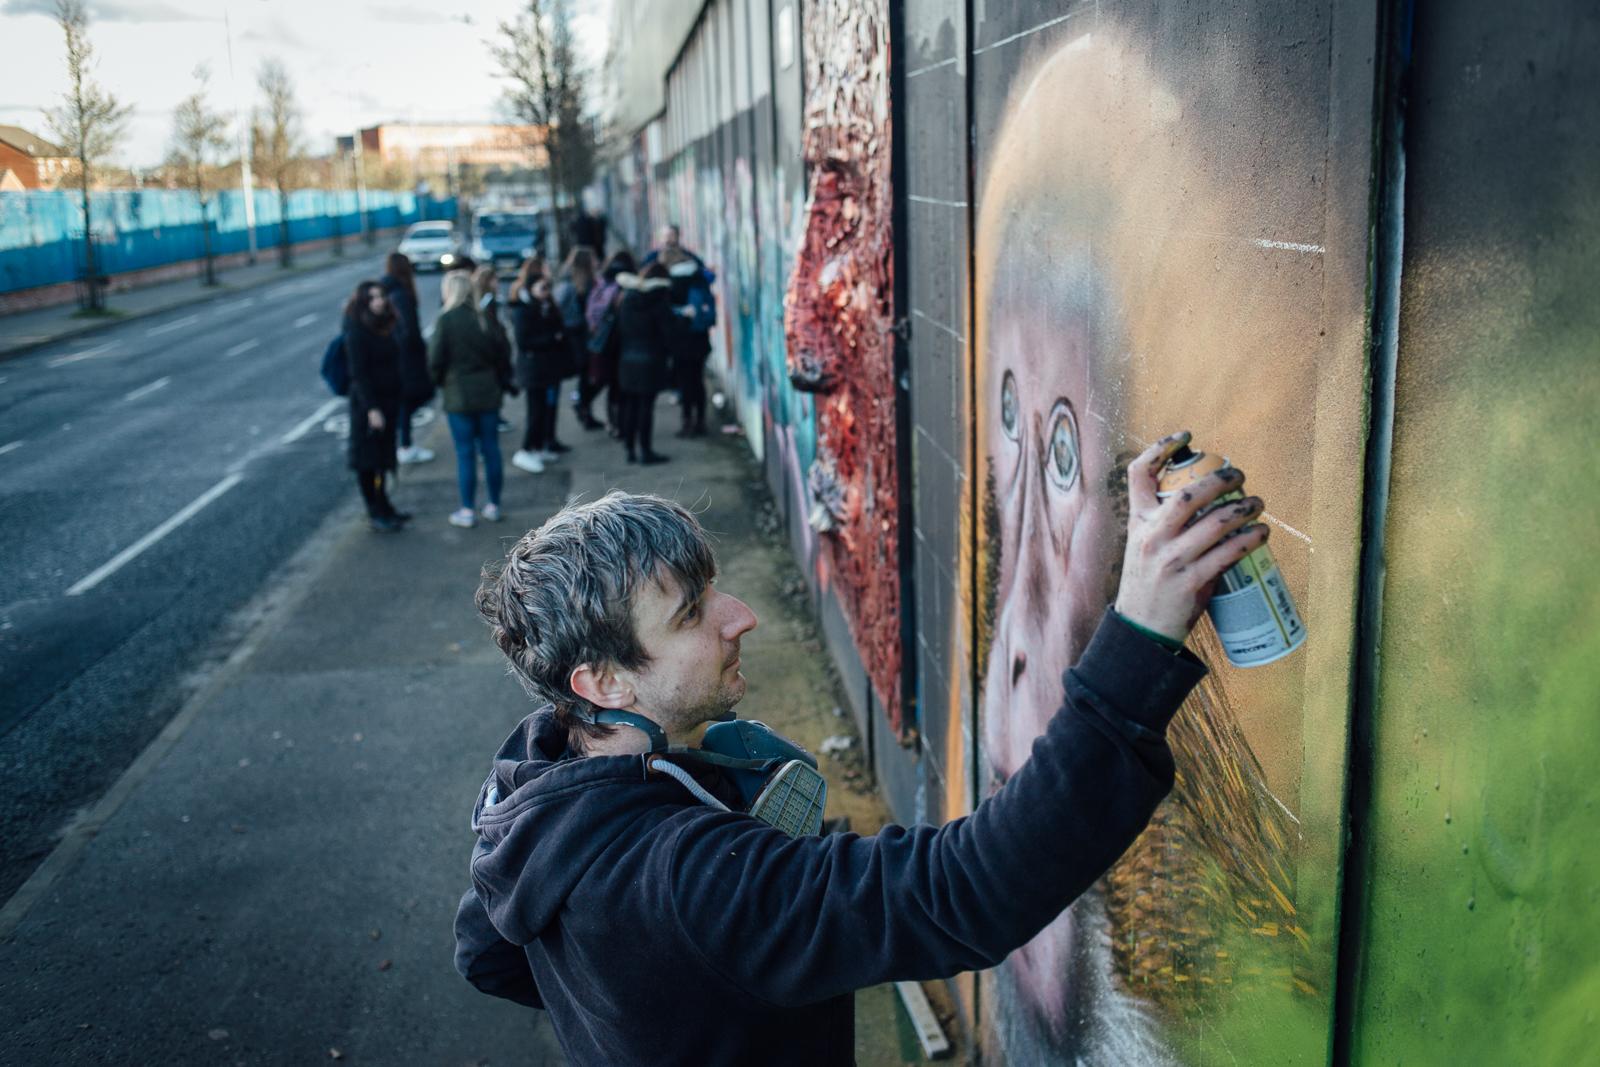 """Belfast, le 24 Février 2017. La ville comporte encore de nombreux murs de séparation entre quartiers protestants et catholiques. Emic est street artist, et revendique comme un acte militant de ne pas peindre à propos des """"troubles""""."""